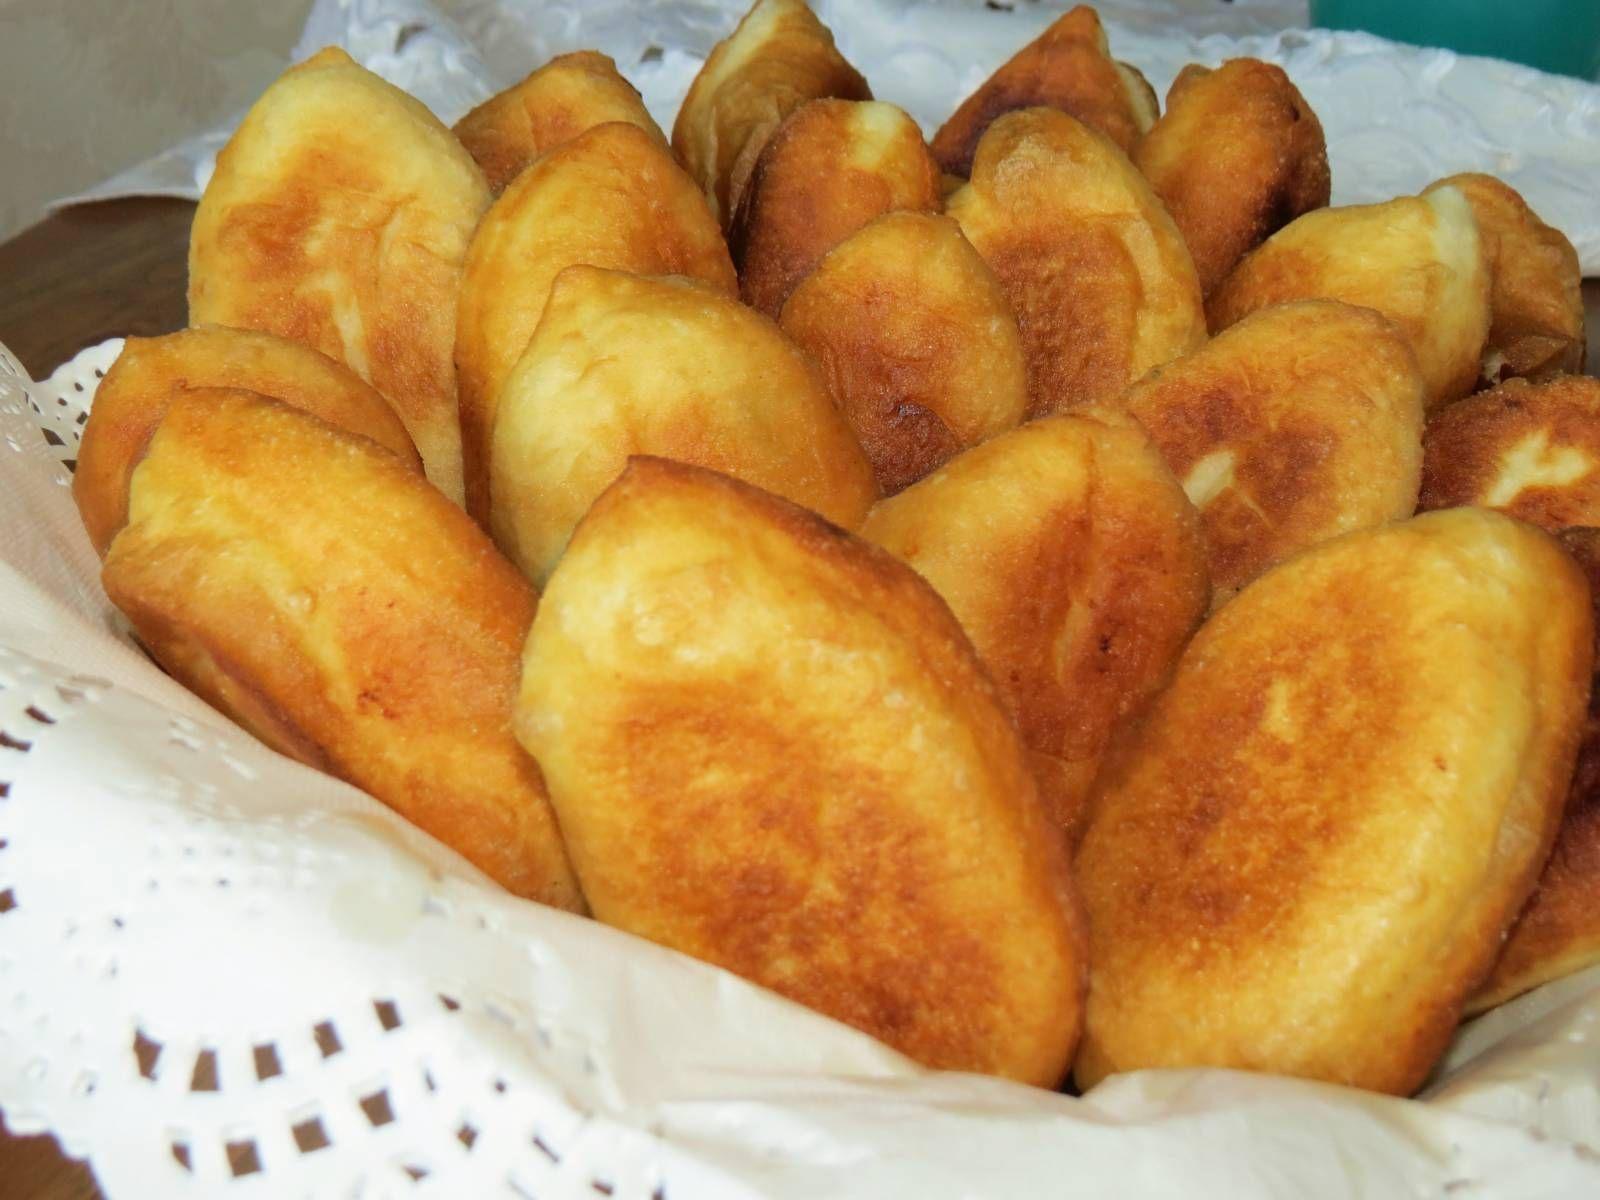 пирожки с картошкой фото как пончики рецепт